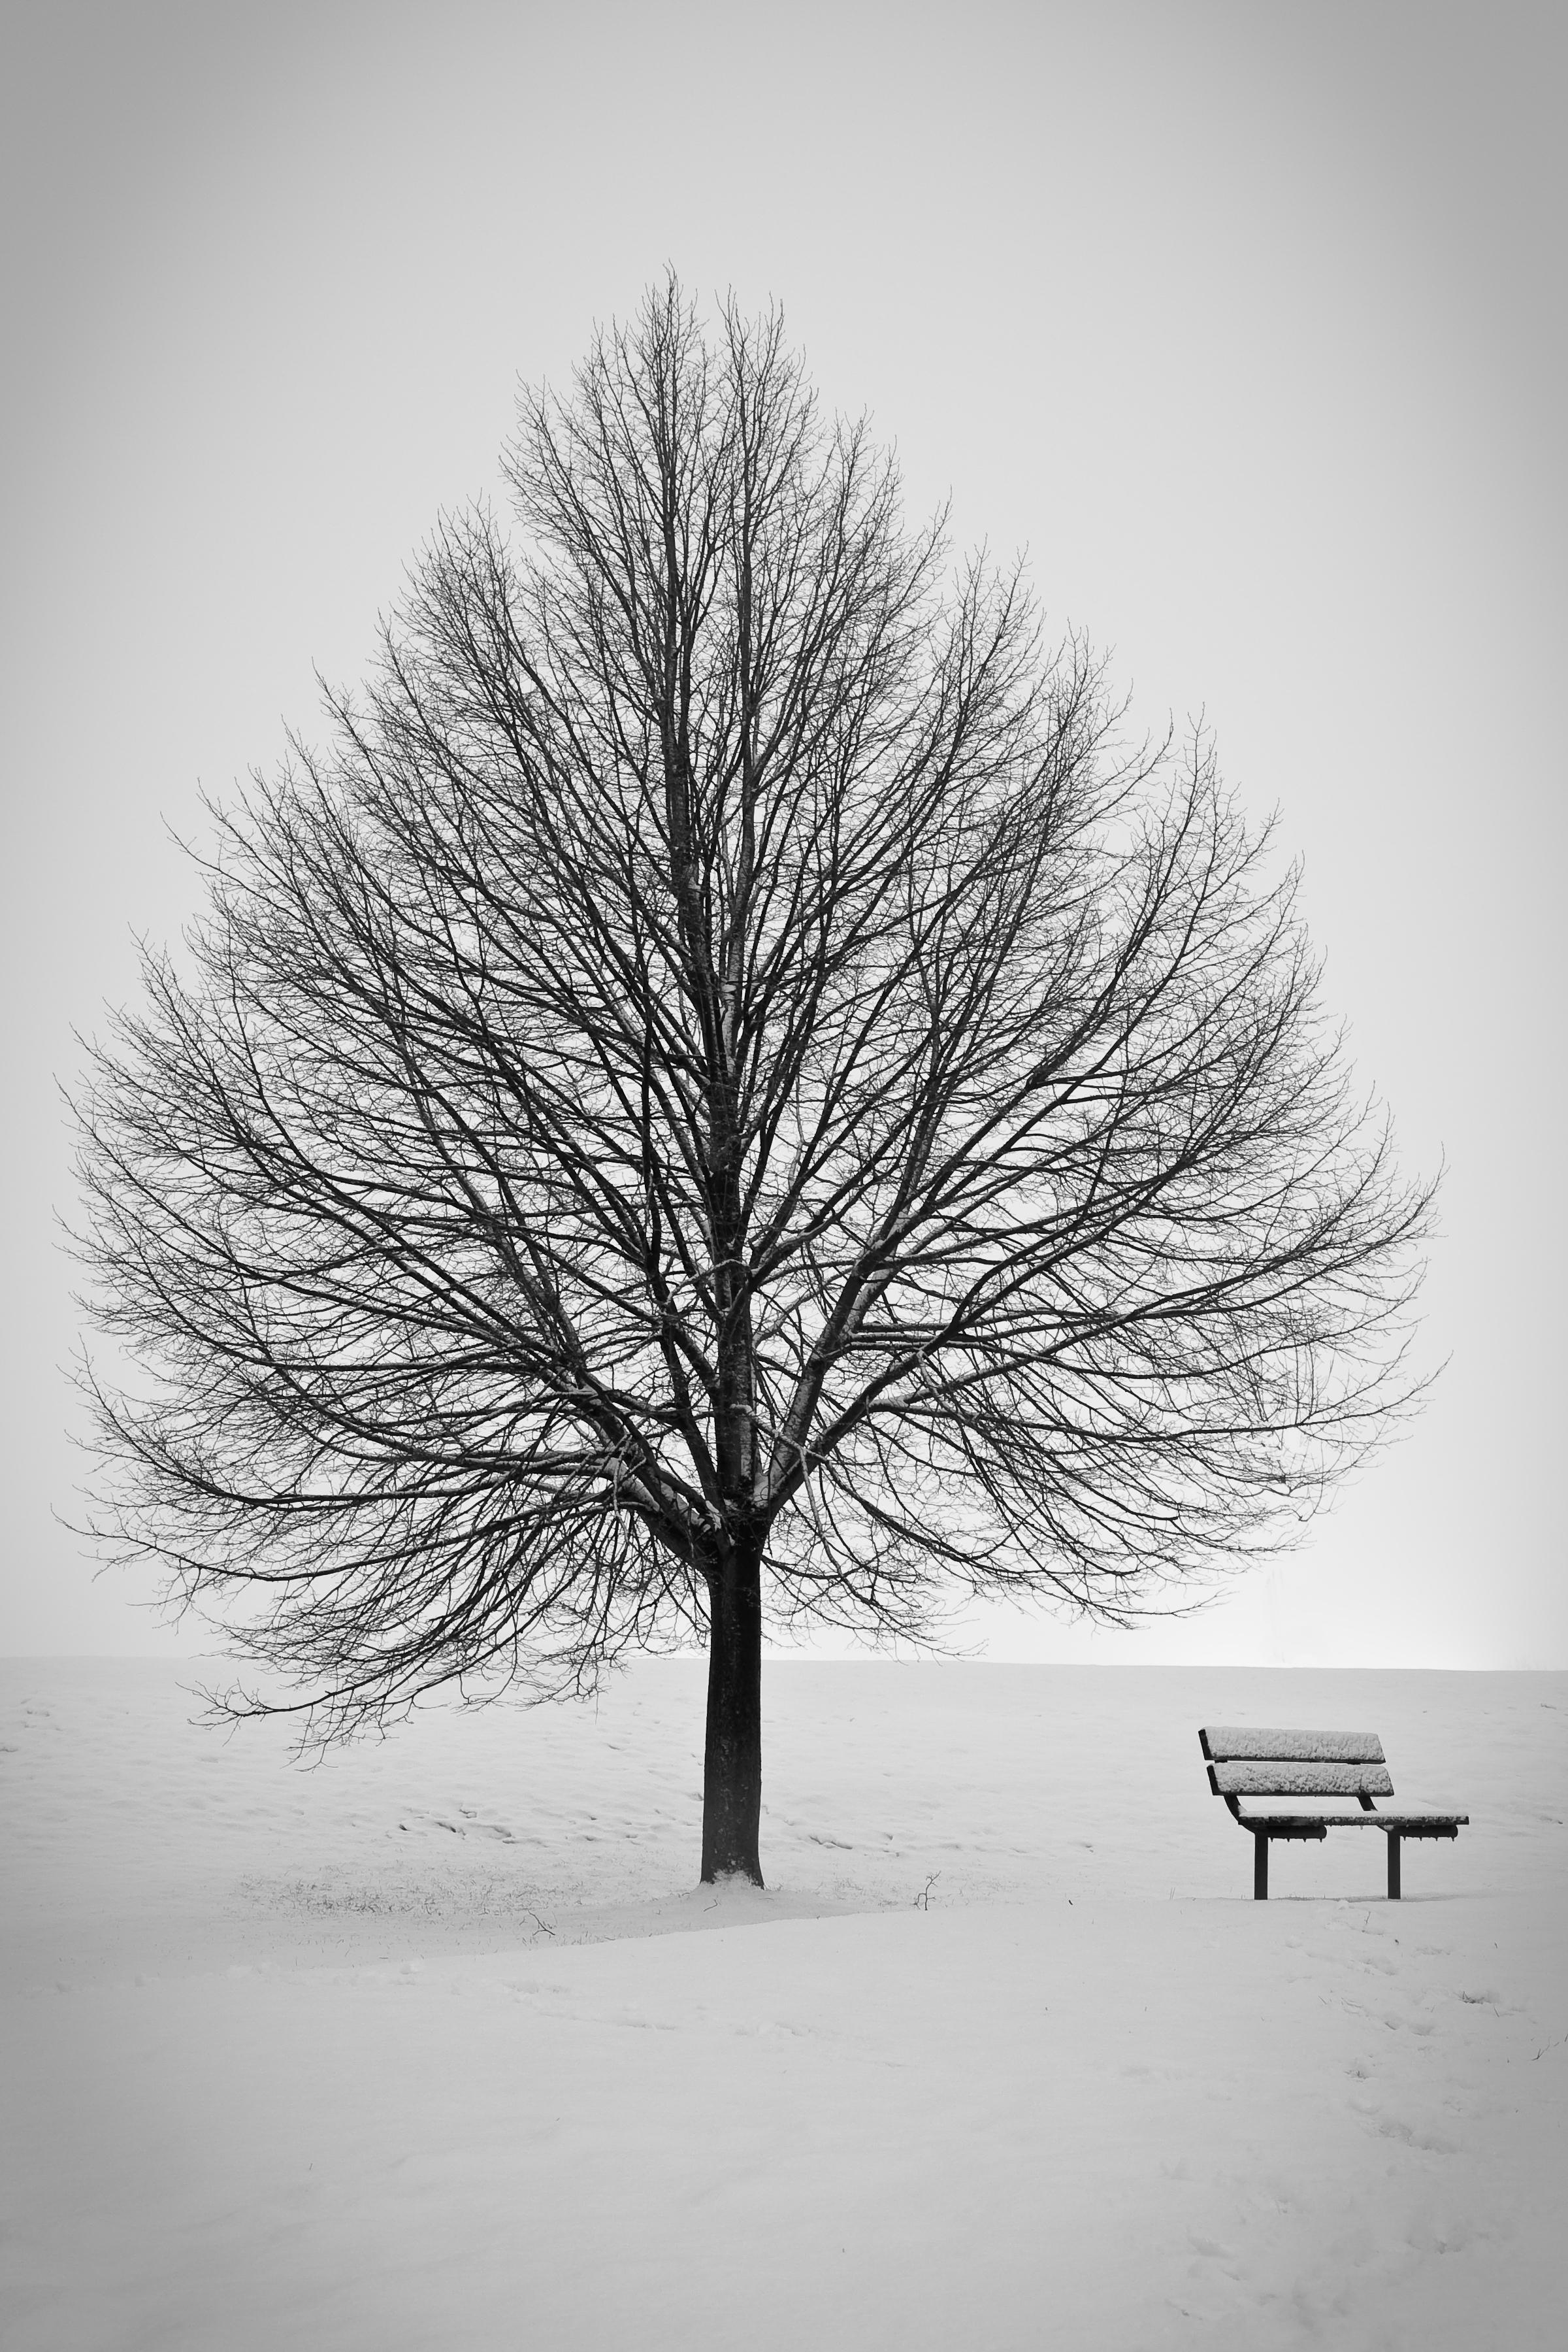 雪景色の中にたたずむ木とベンチ